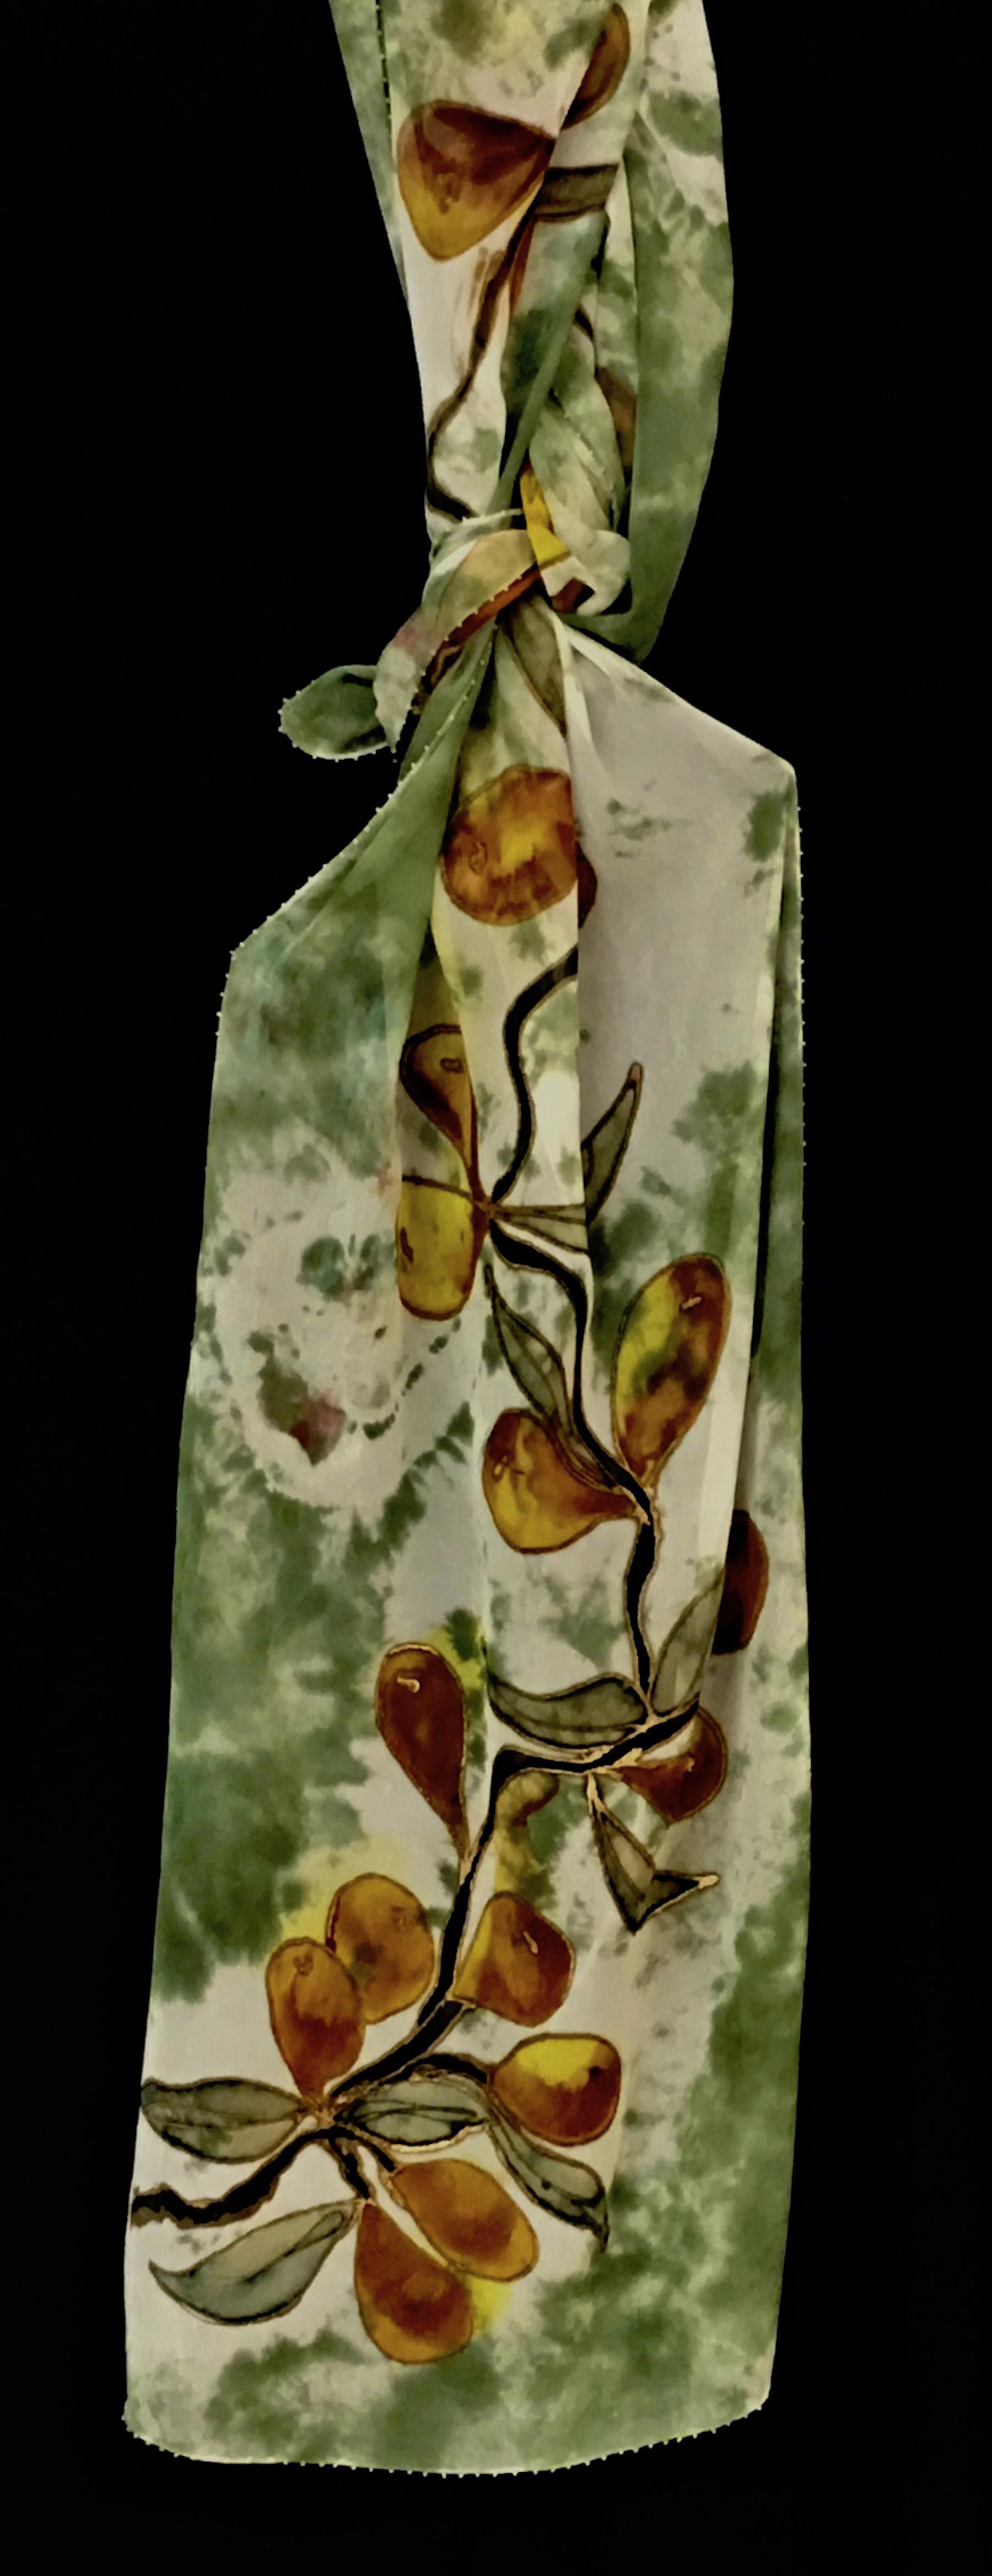 shibori wht_olive orange fruit gauze